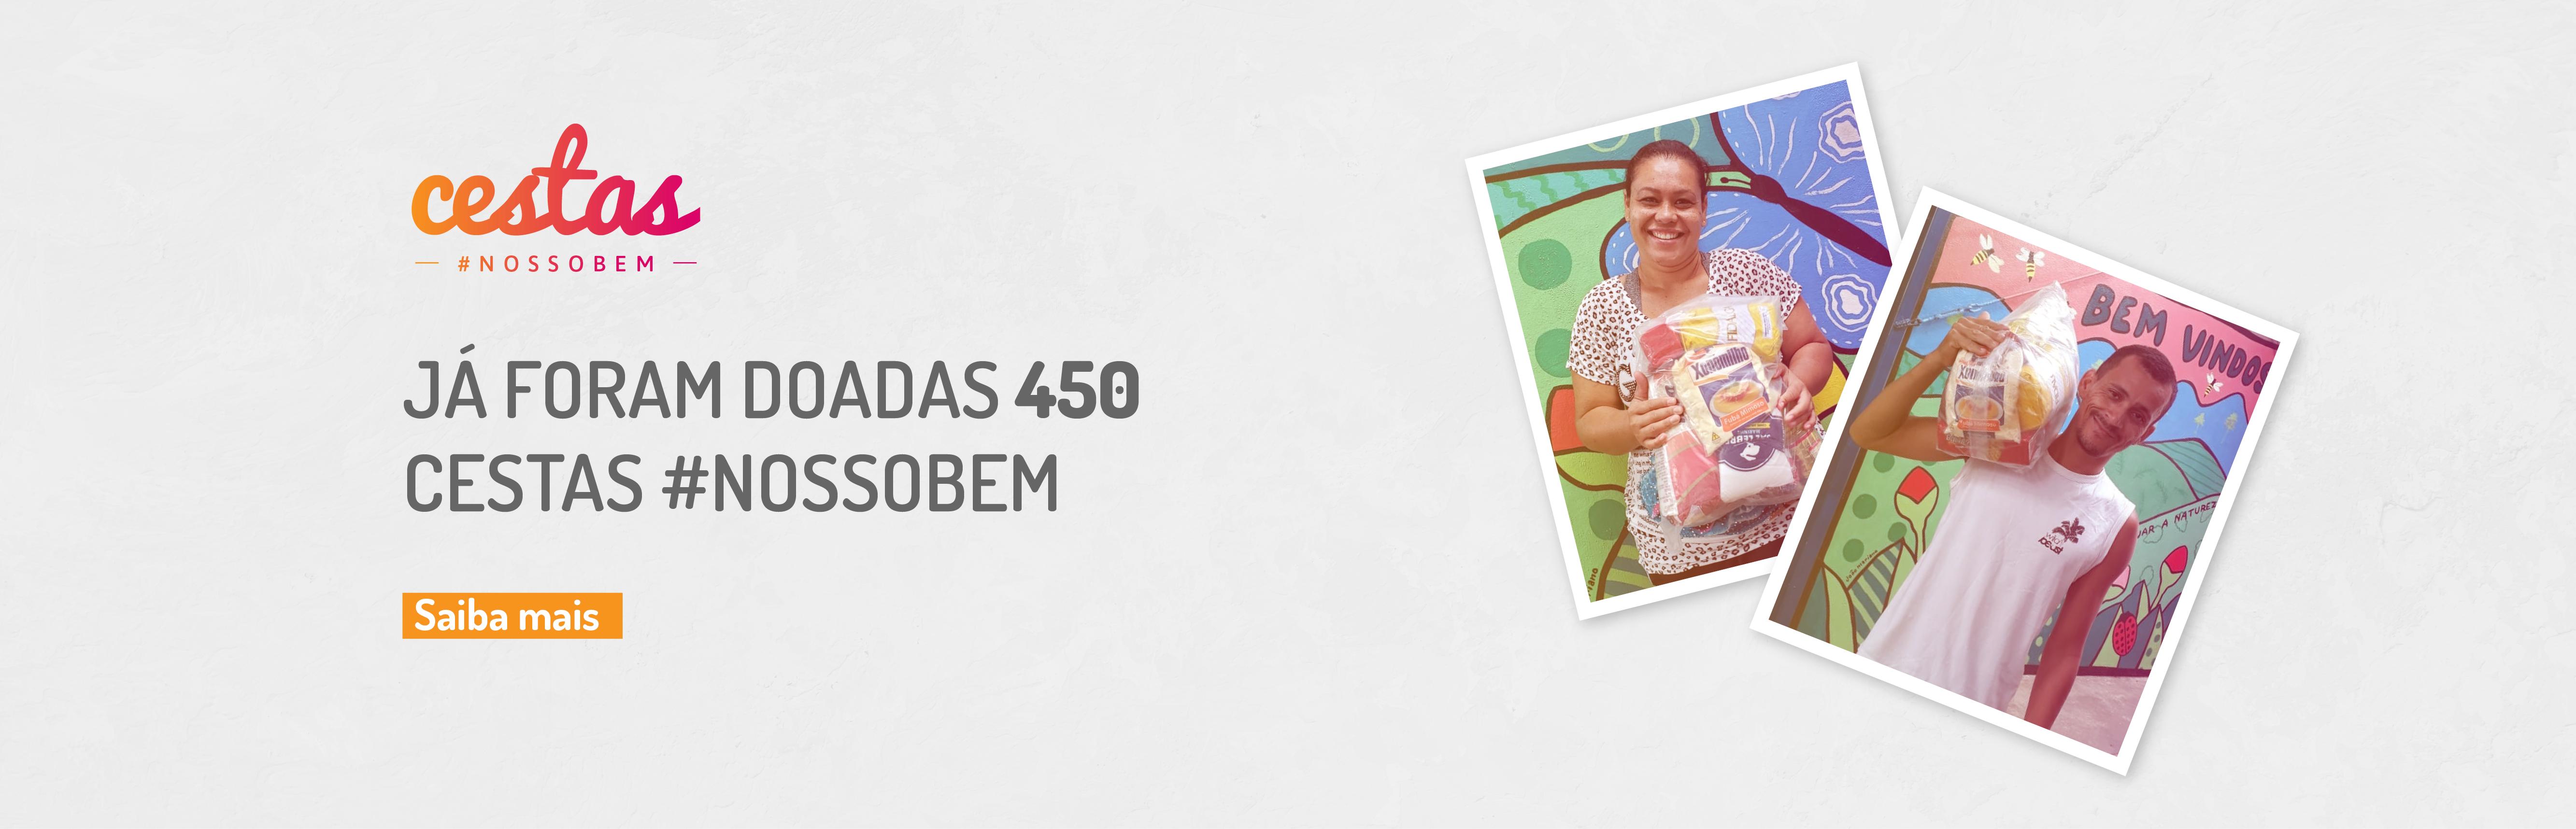 Mais de 100 Cestas #NossoBem são distribuídas em apenas uma semana de campanha!